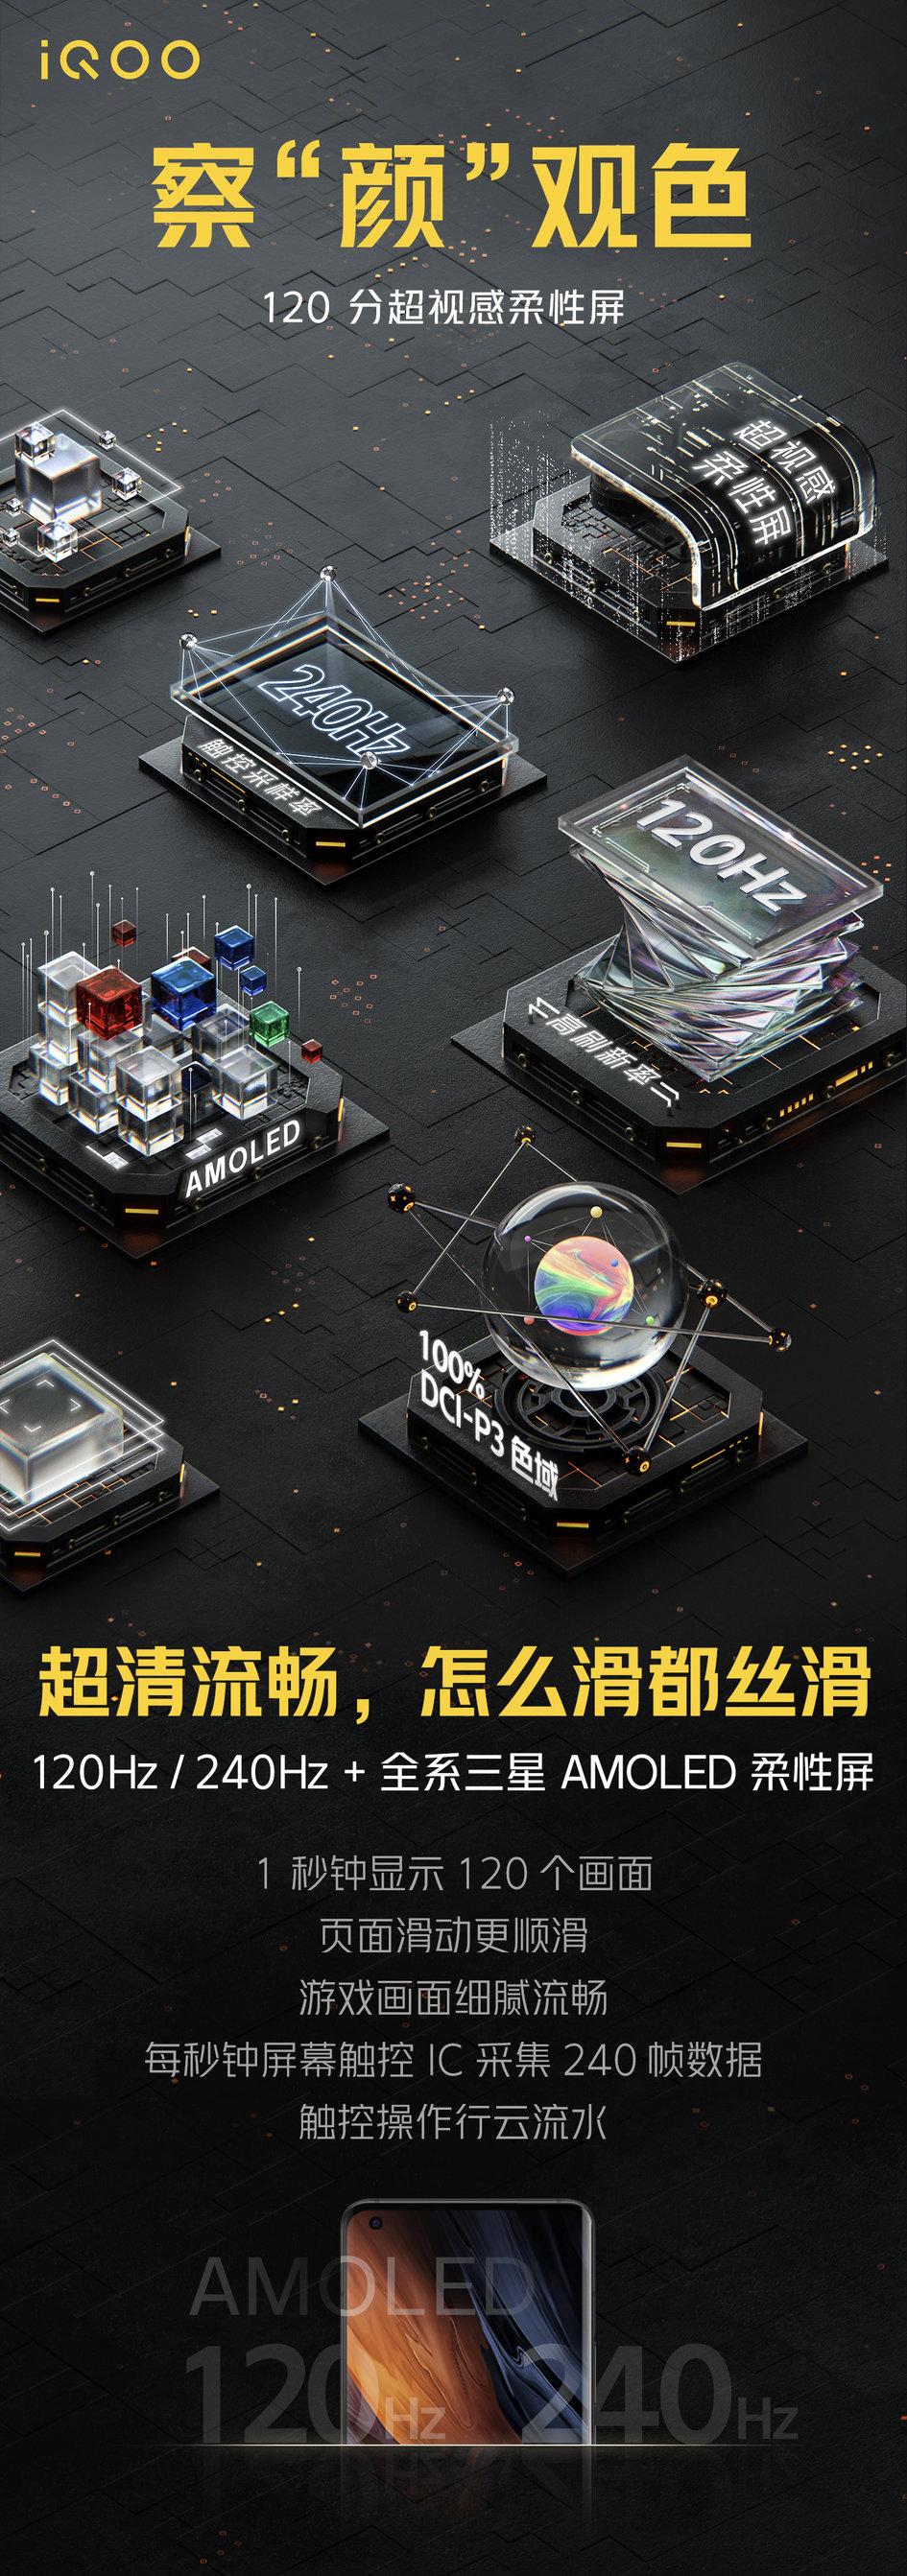 iQOO 5 屏幕参数公布:120Hz 超视感 AMOLED 屏